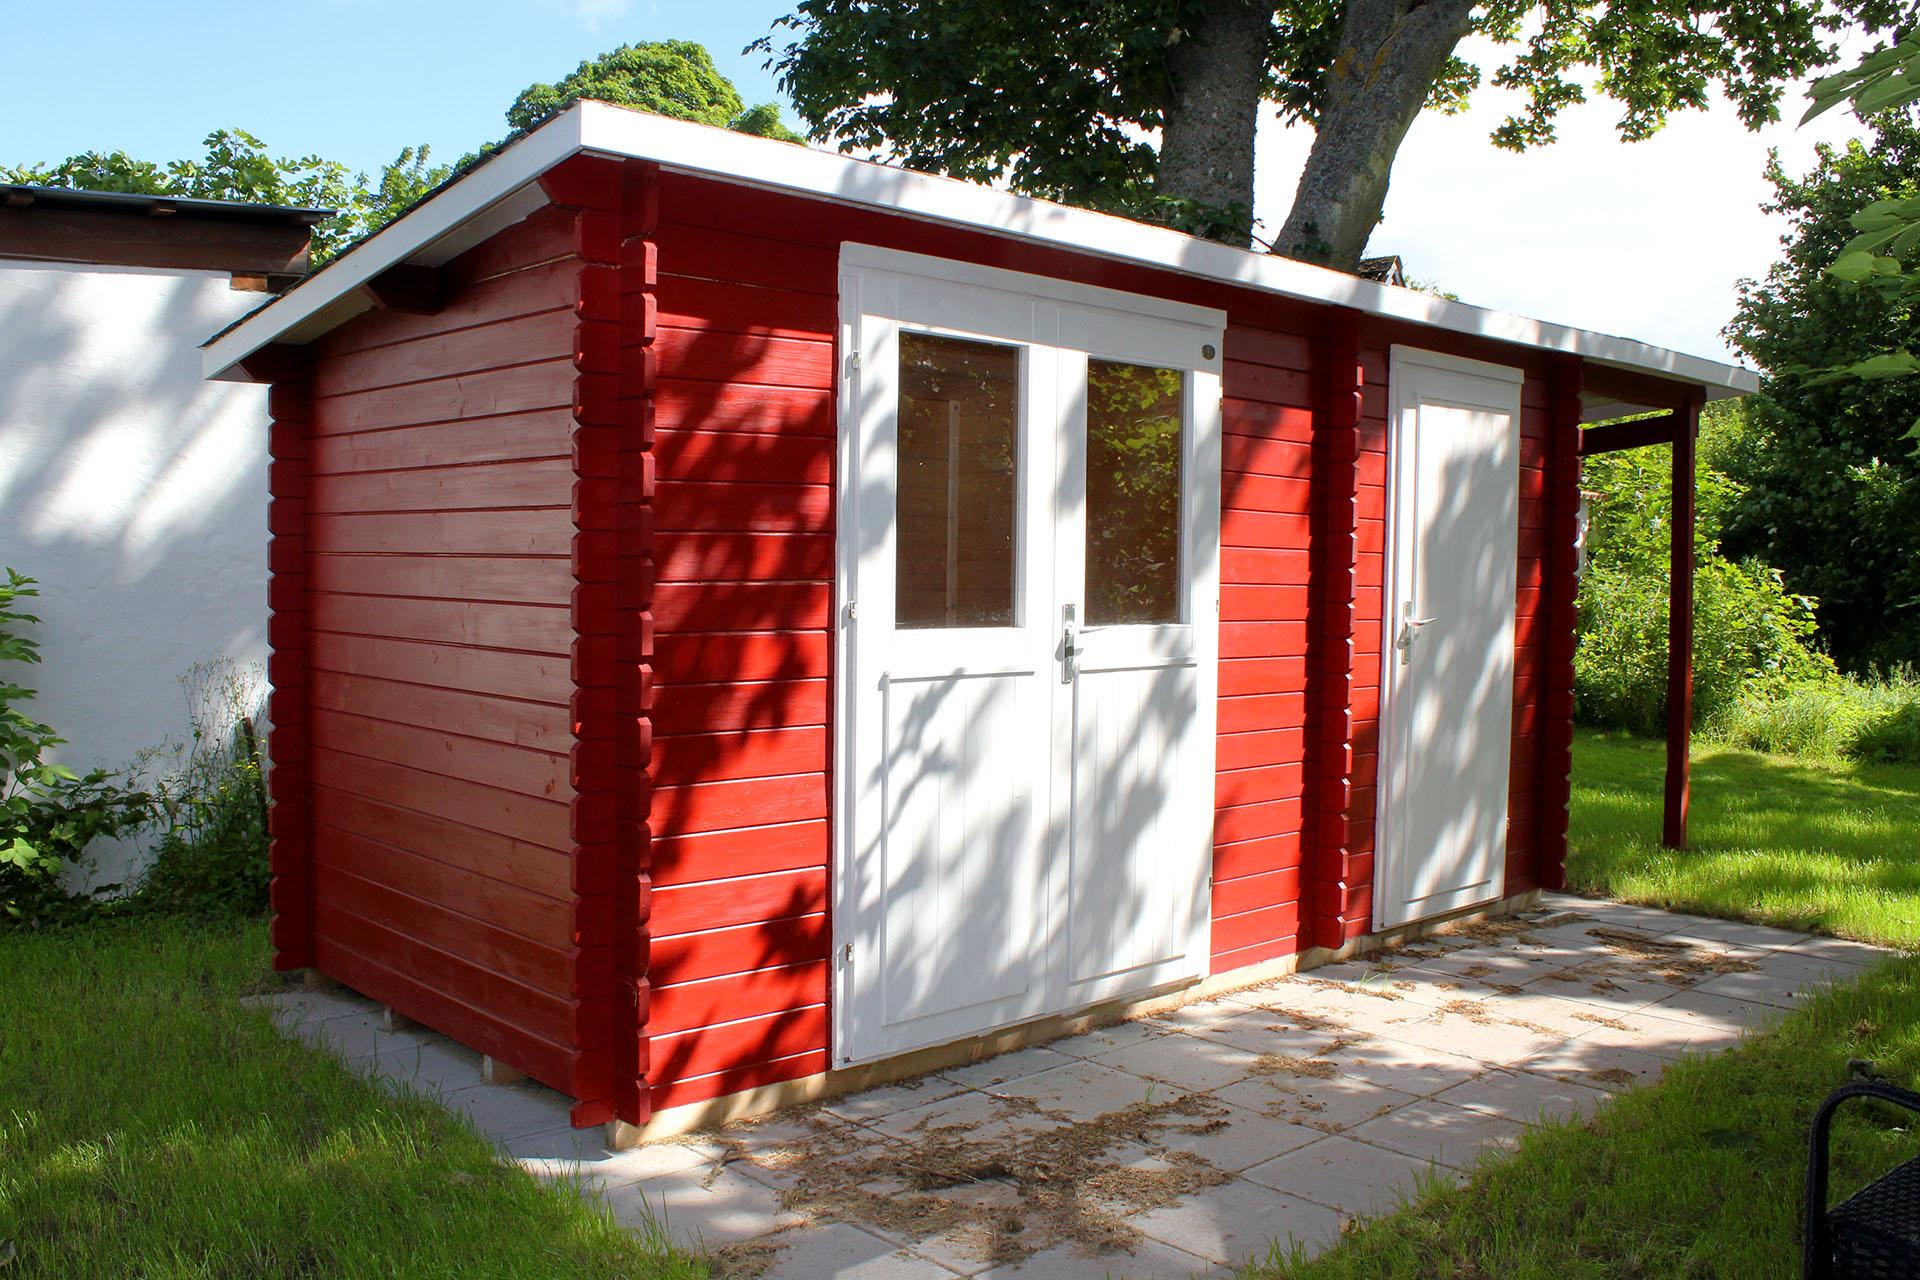 Mary 6 med halvtag fra www.solundhuse.dk billedet er indsendt af en kunde fra Tunø